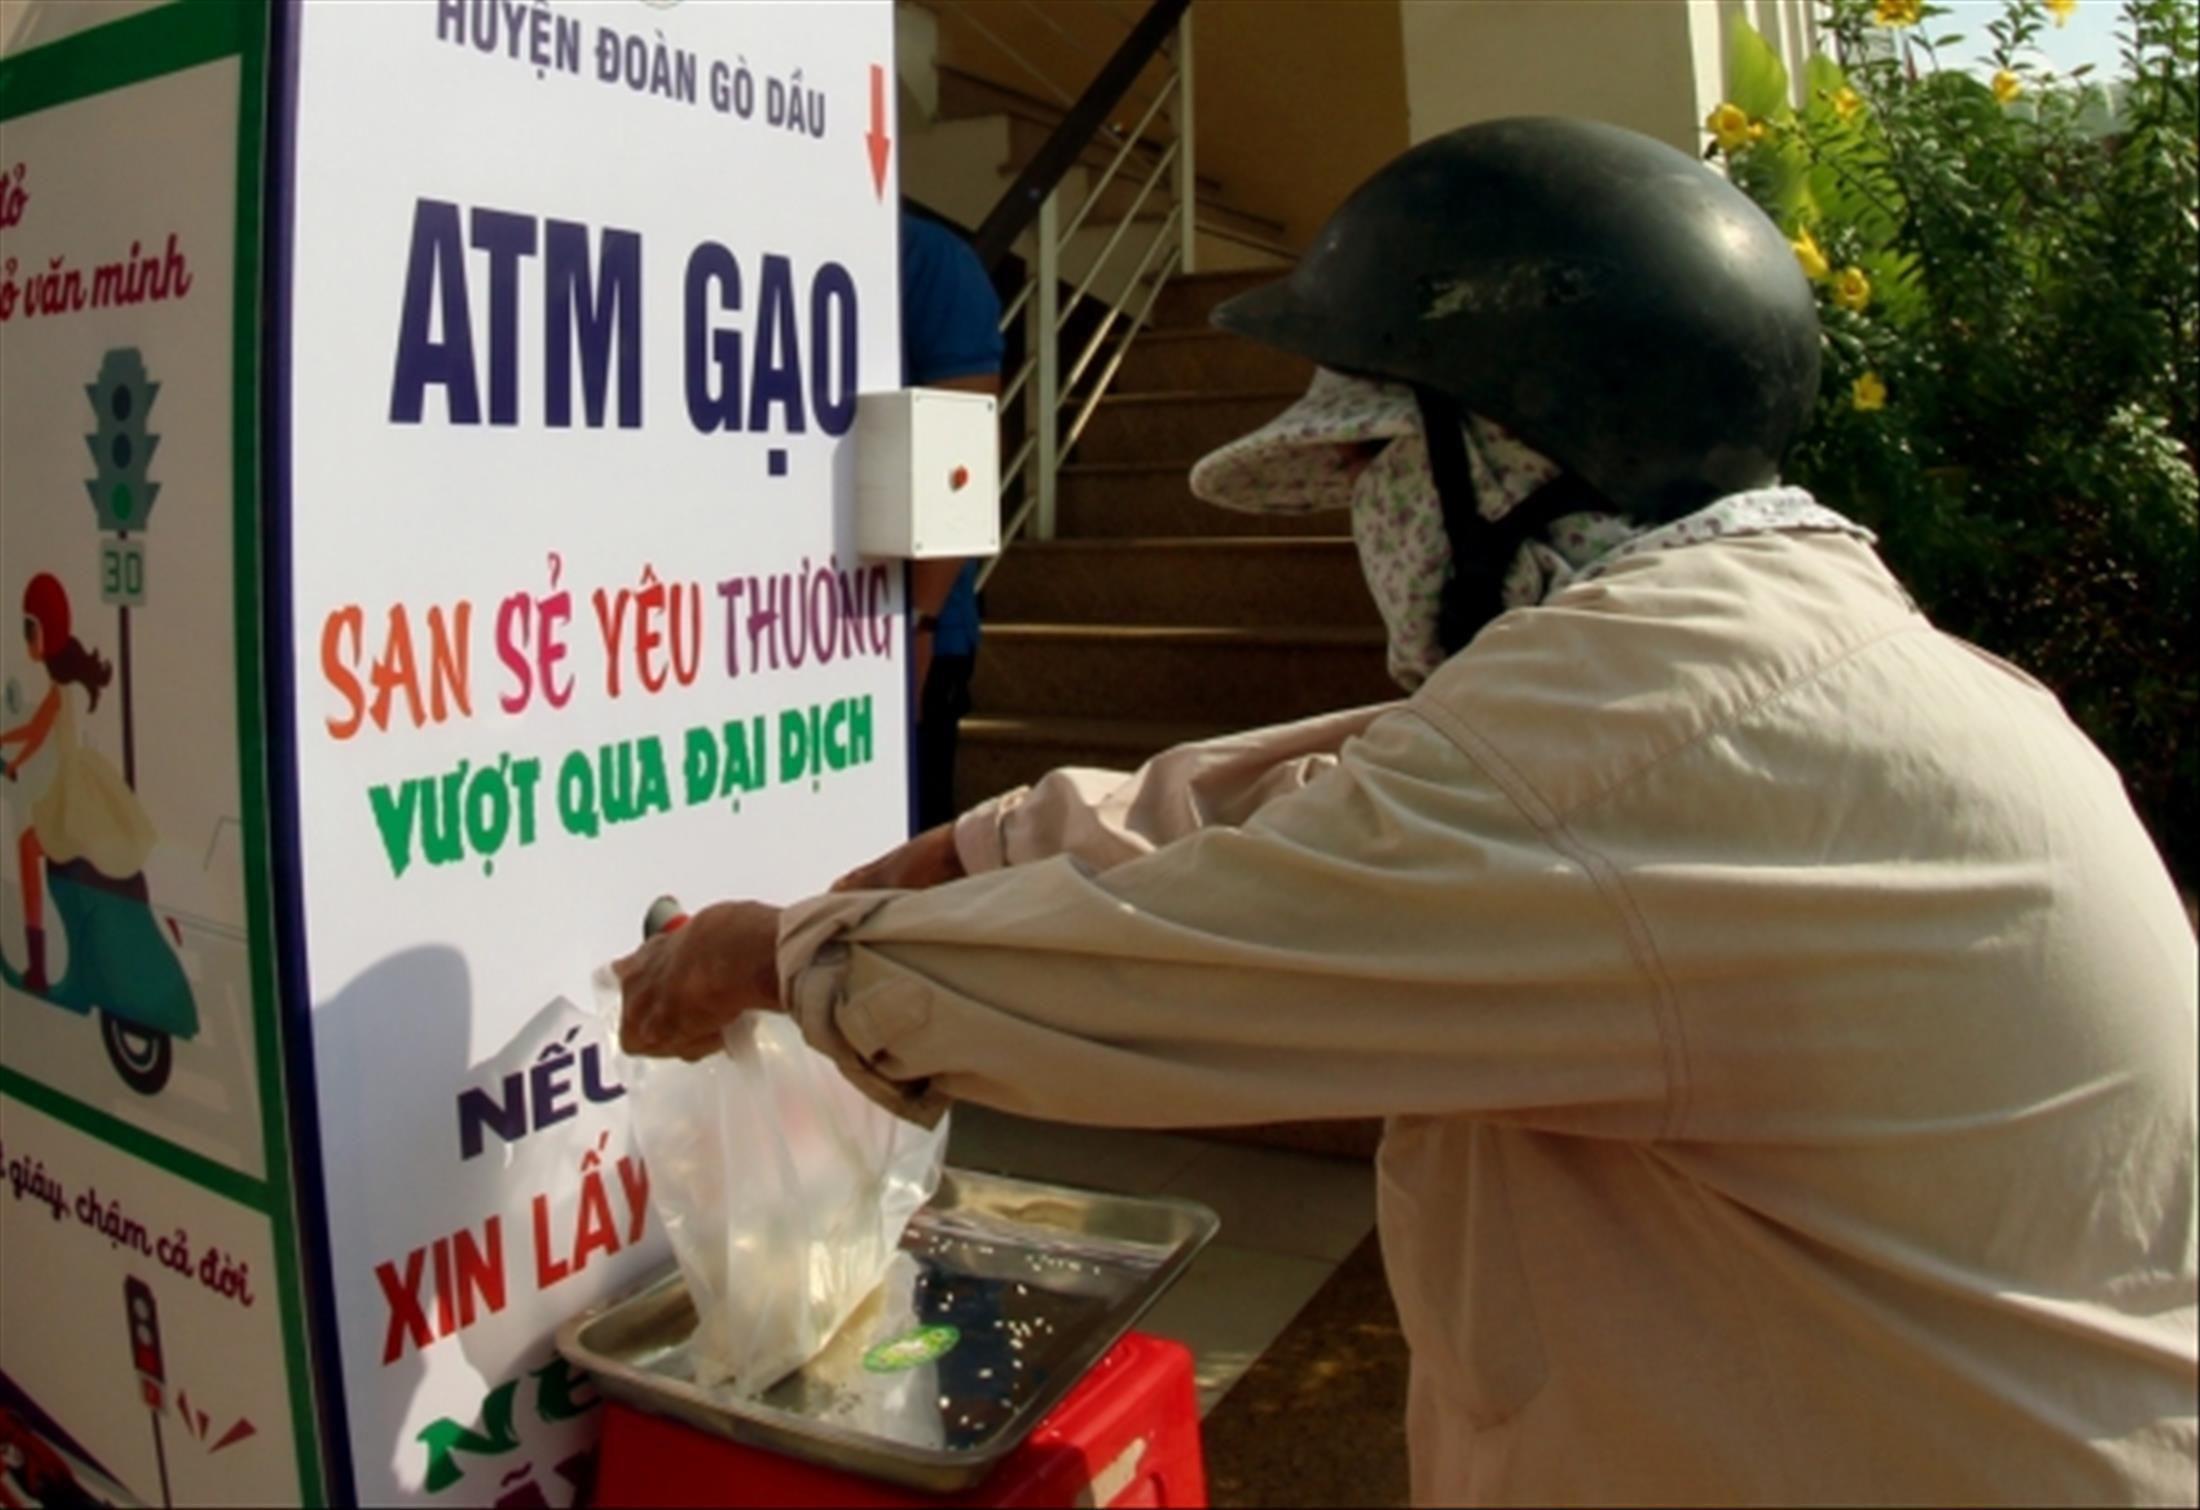 ATM gạo mang thương hiệu tuổi trẻ Tây Ninh Ảnh 1